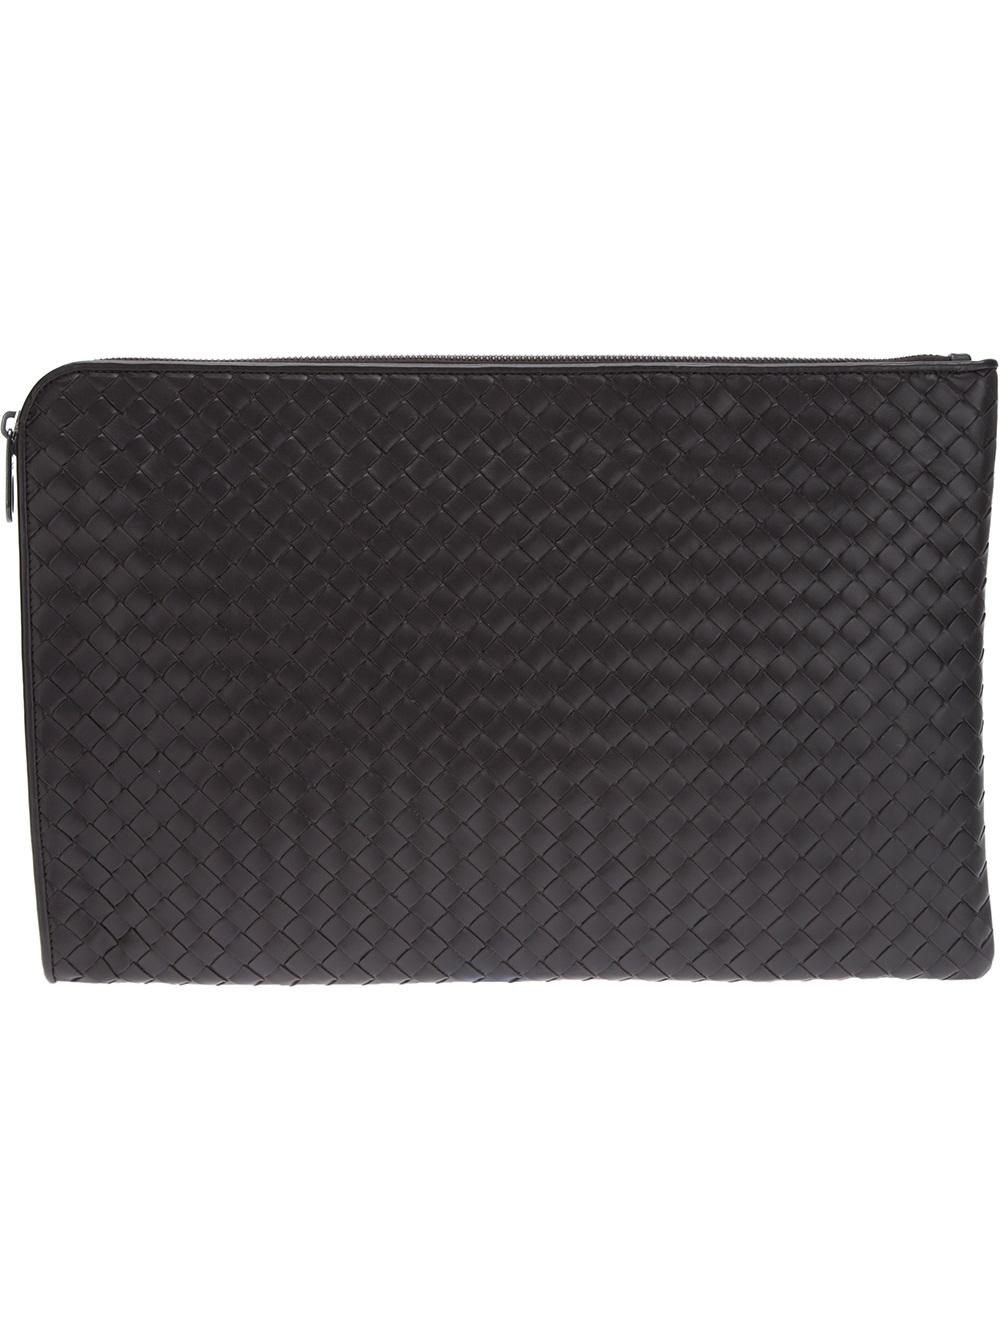 f7f6b7d5d7c5 Lyst - Bottega Veneta Woven Laptop Case in Brown for Men